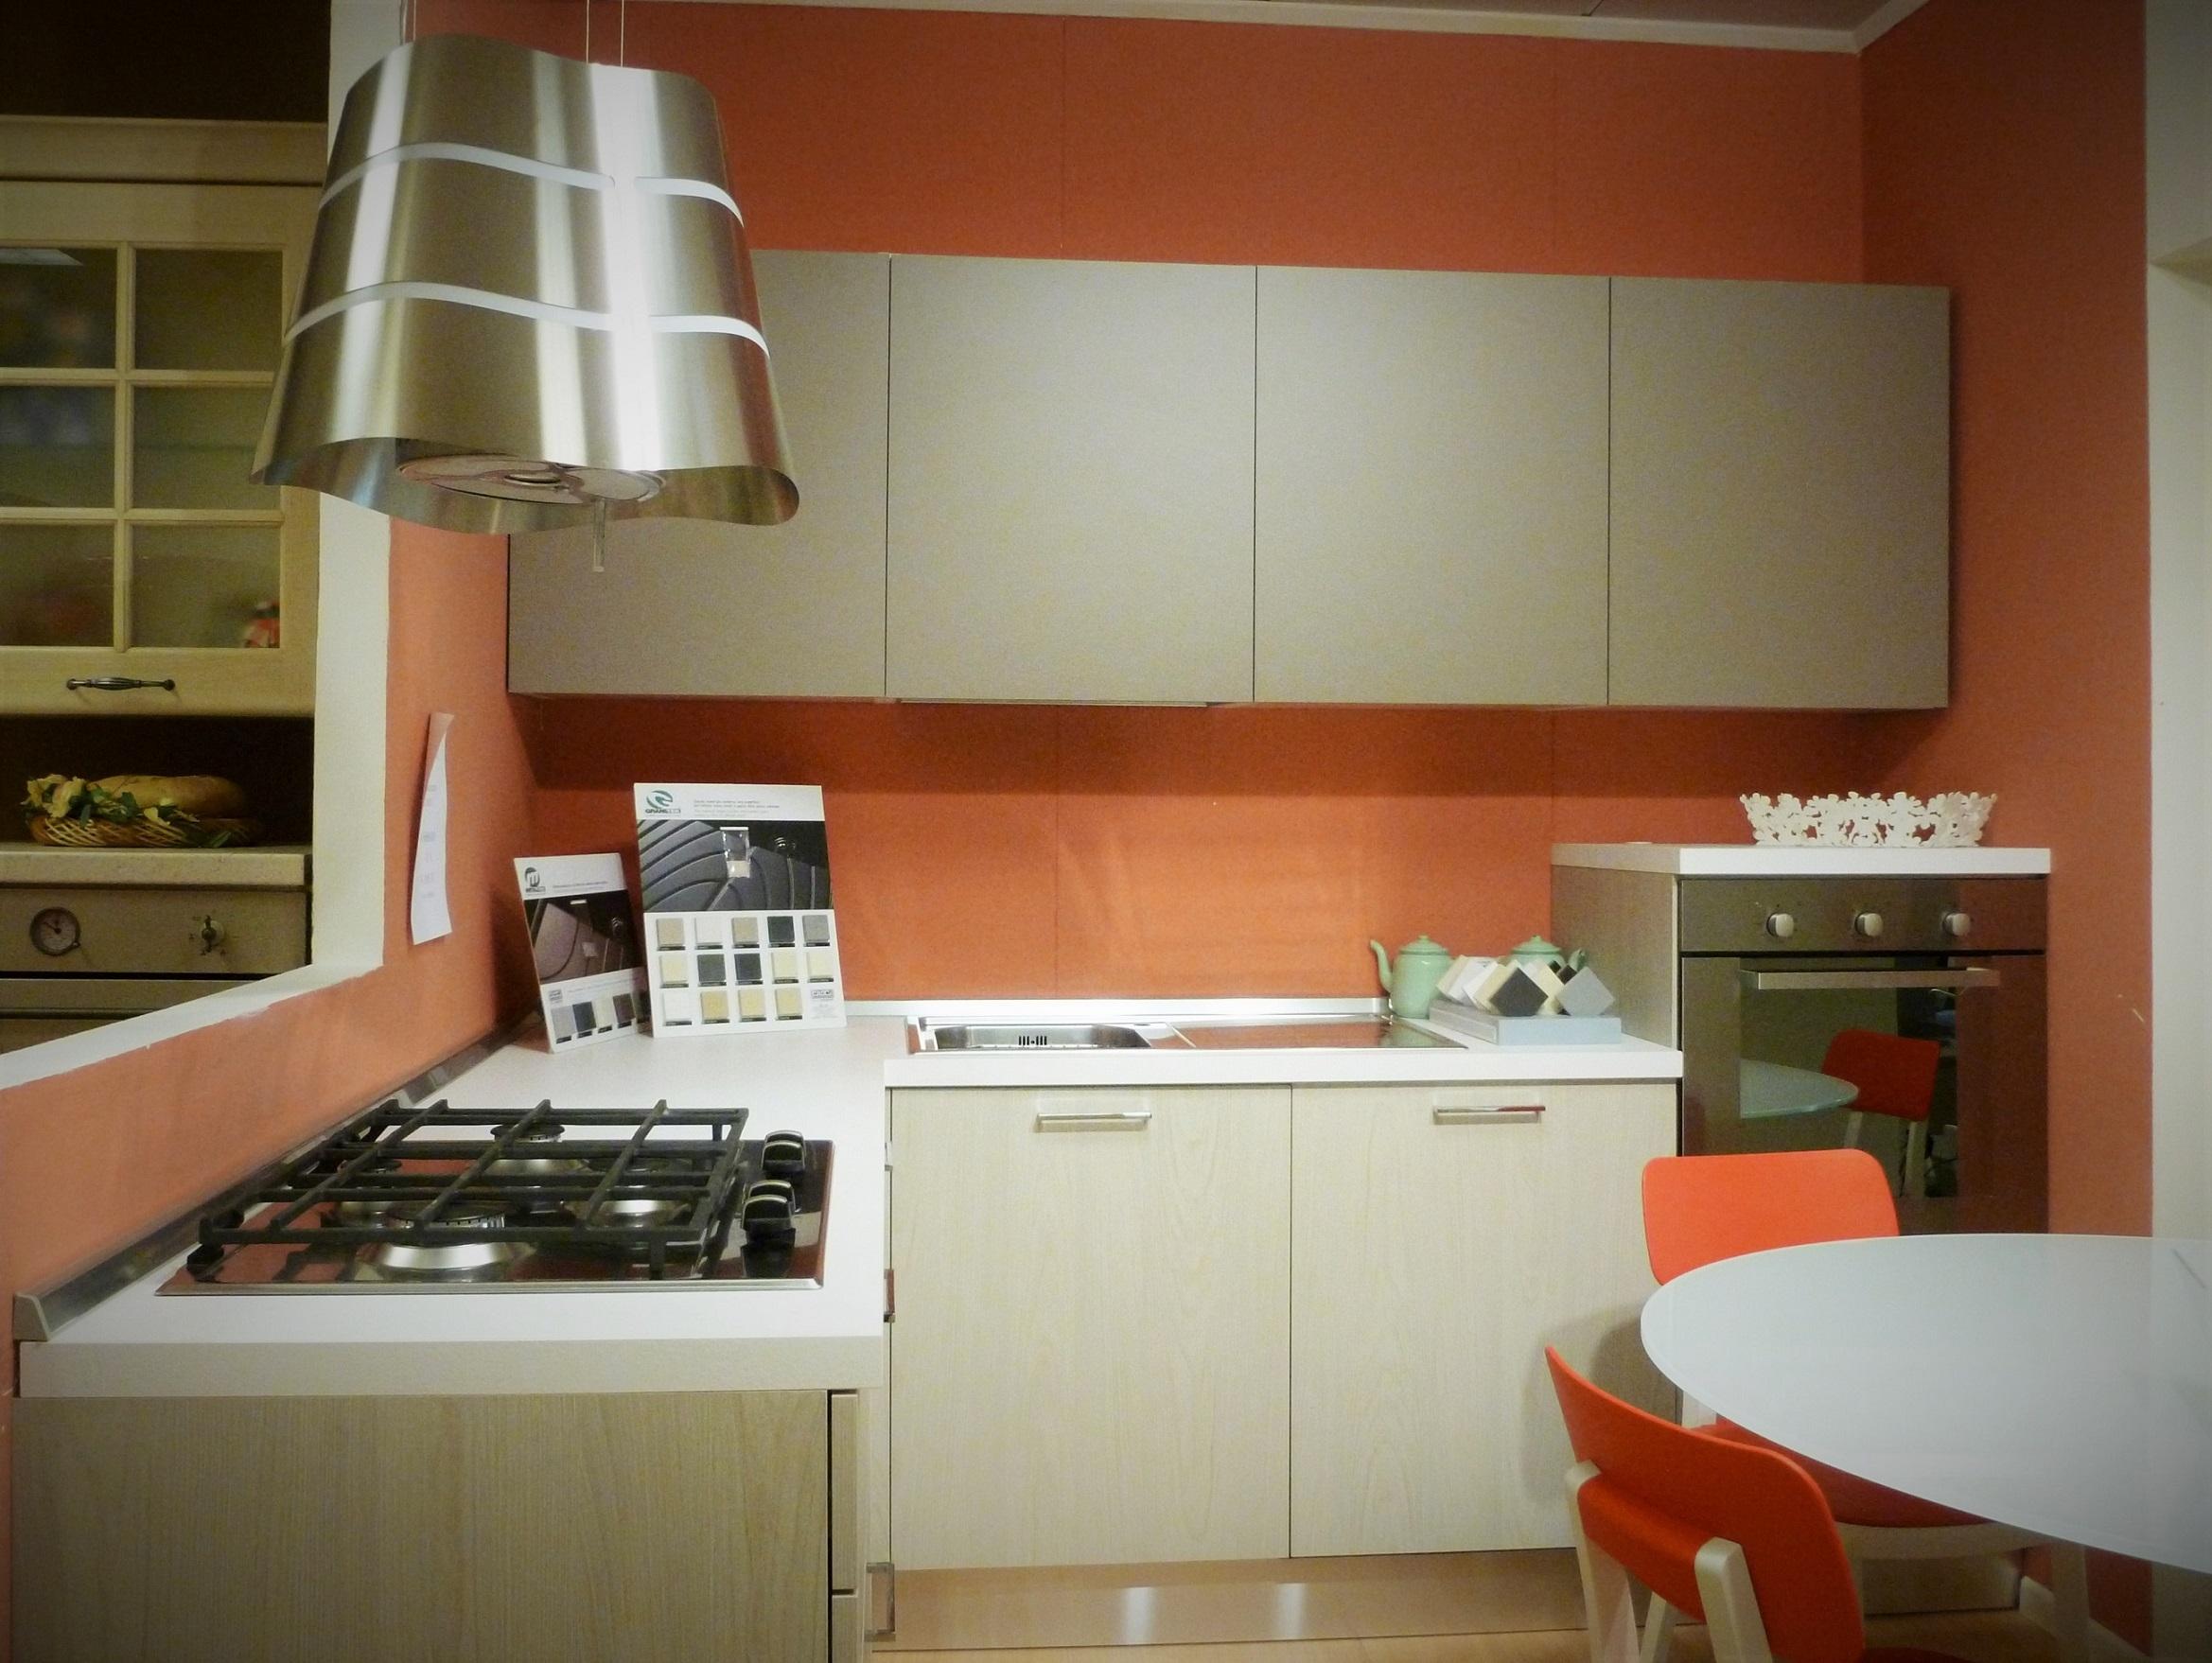 Cucine Piccole Angolari. Cucina Ad Angolo Con Dispensa Cucina Ad ...